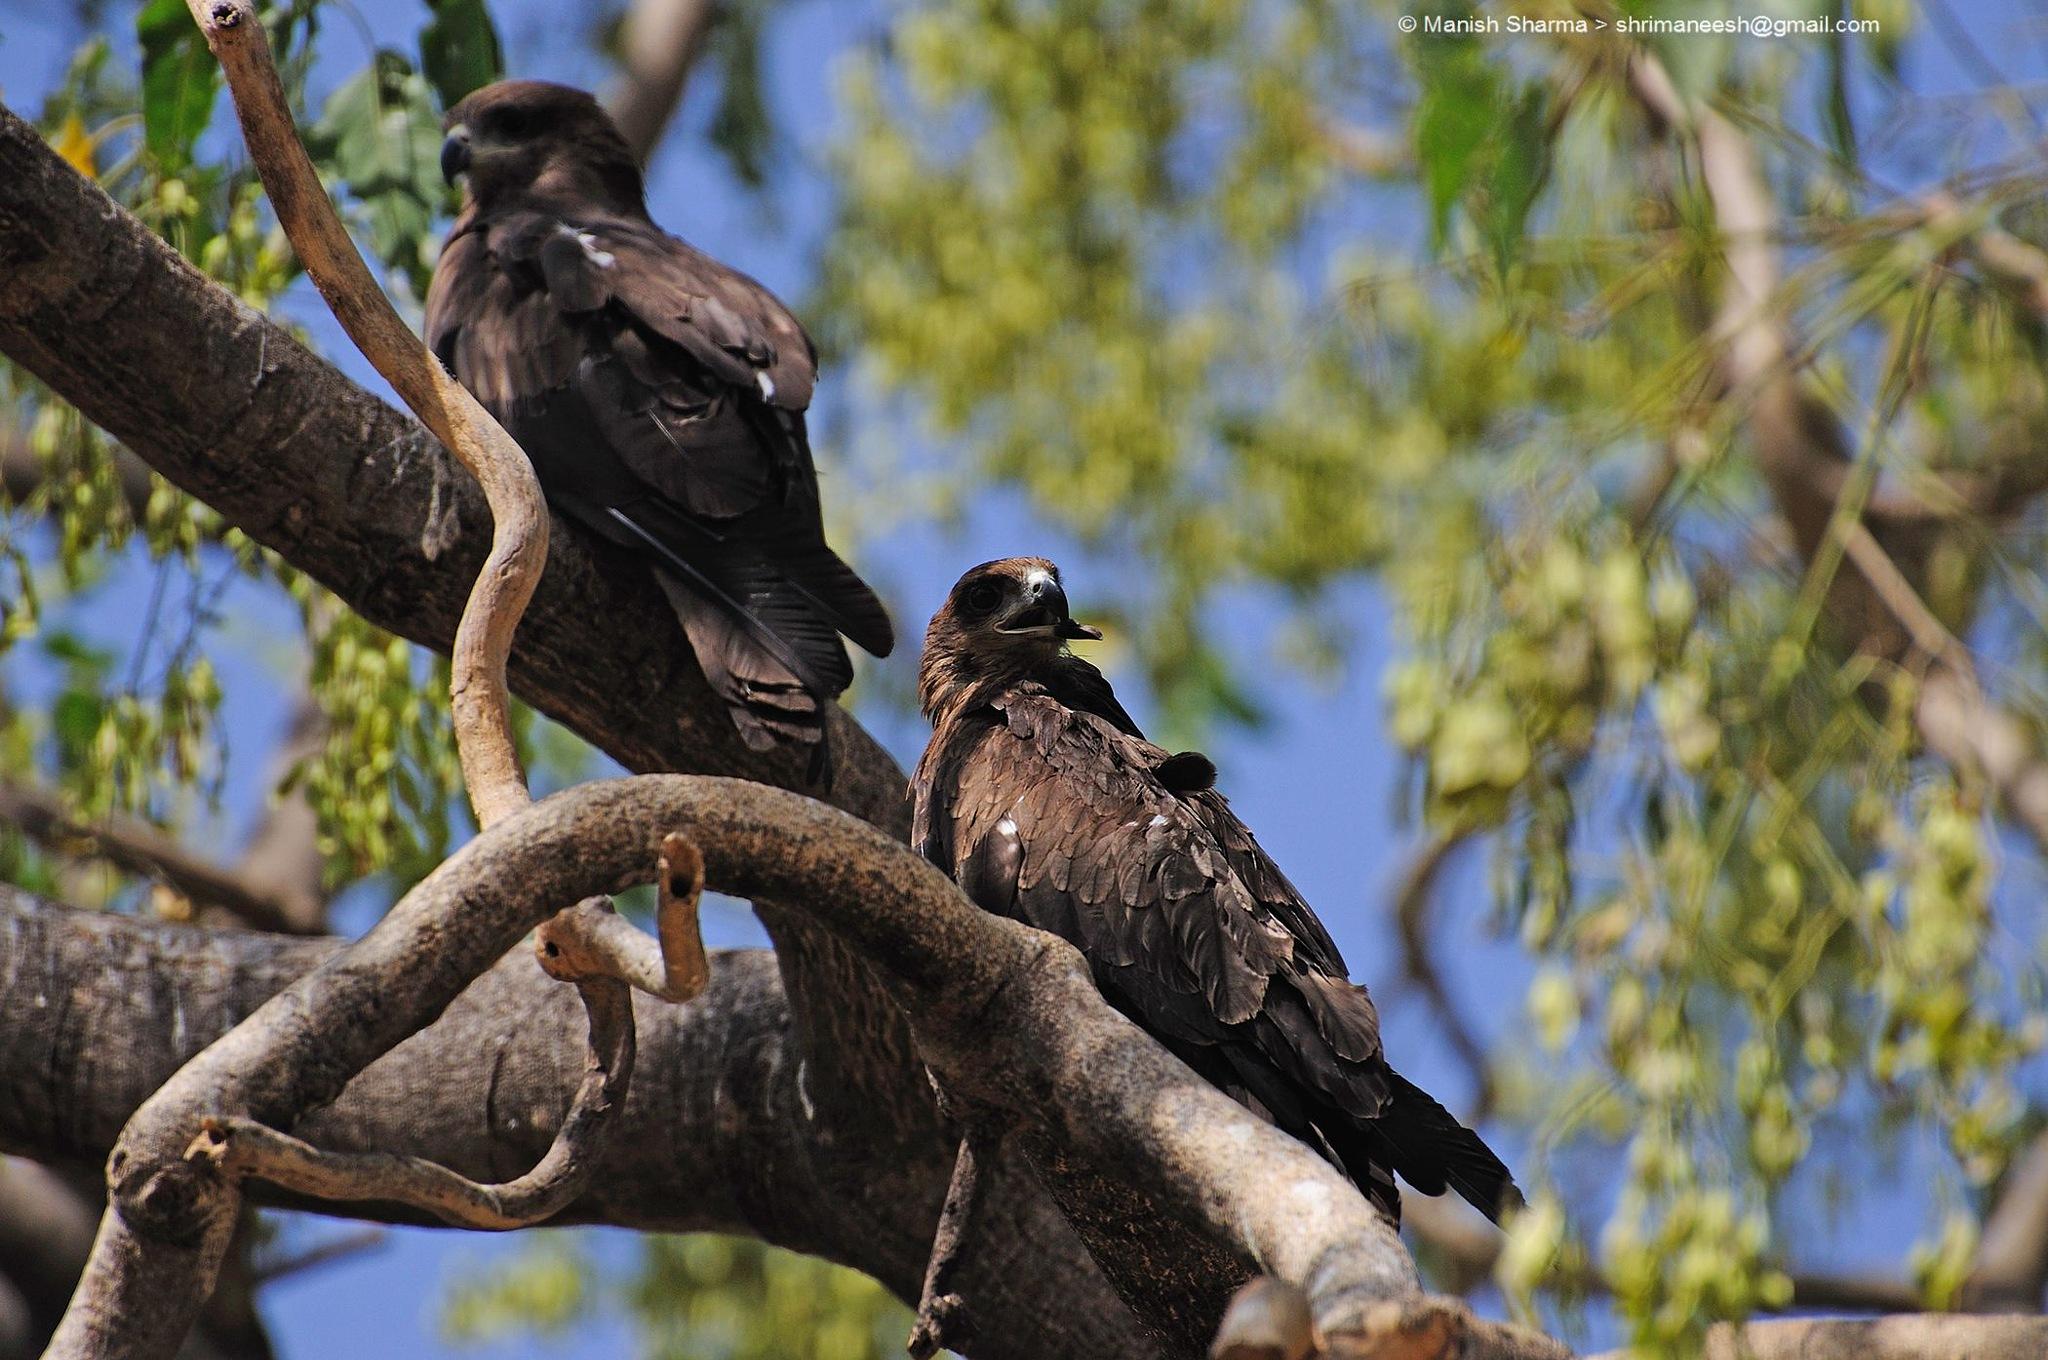 Black Kite...Scientific name: Milvus migrans by Maneesh Sharma